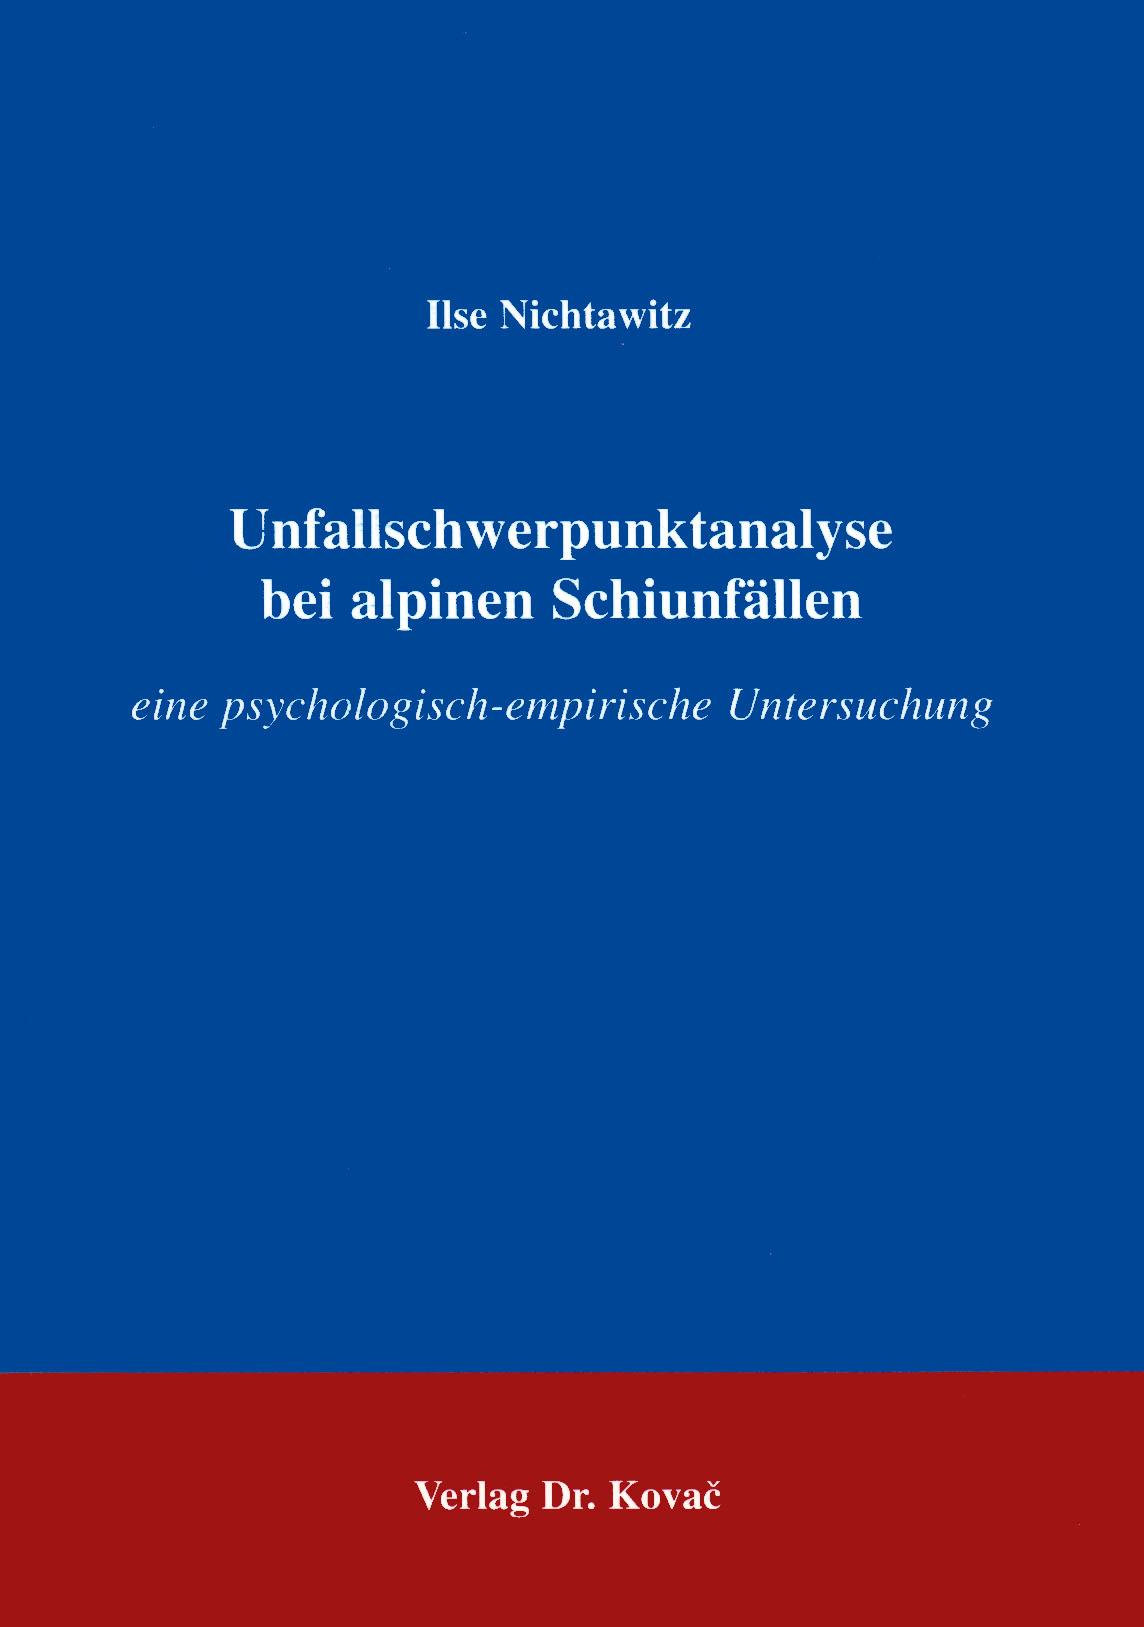 Cover: Schwerpunktanalyse bei alpinen Schiunfällen